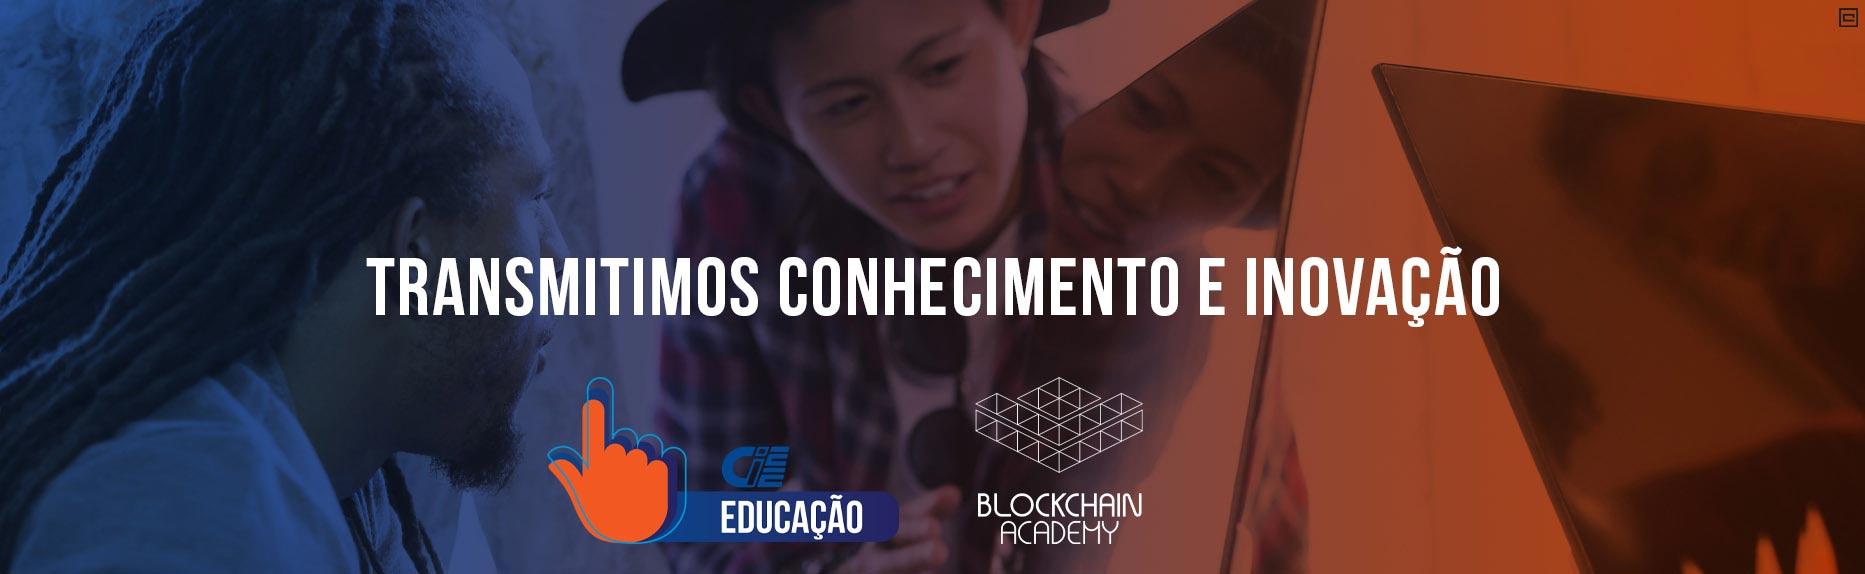 Transmitimos conhecimento e inovação - CIEE Educação - Blockchain Academy